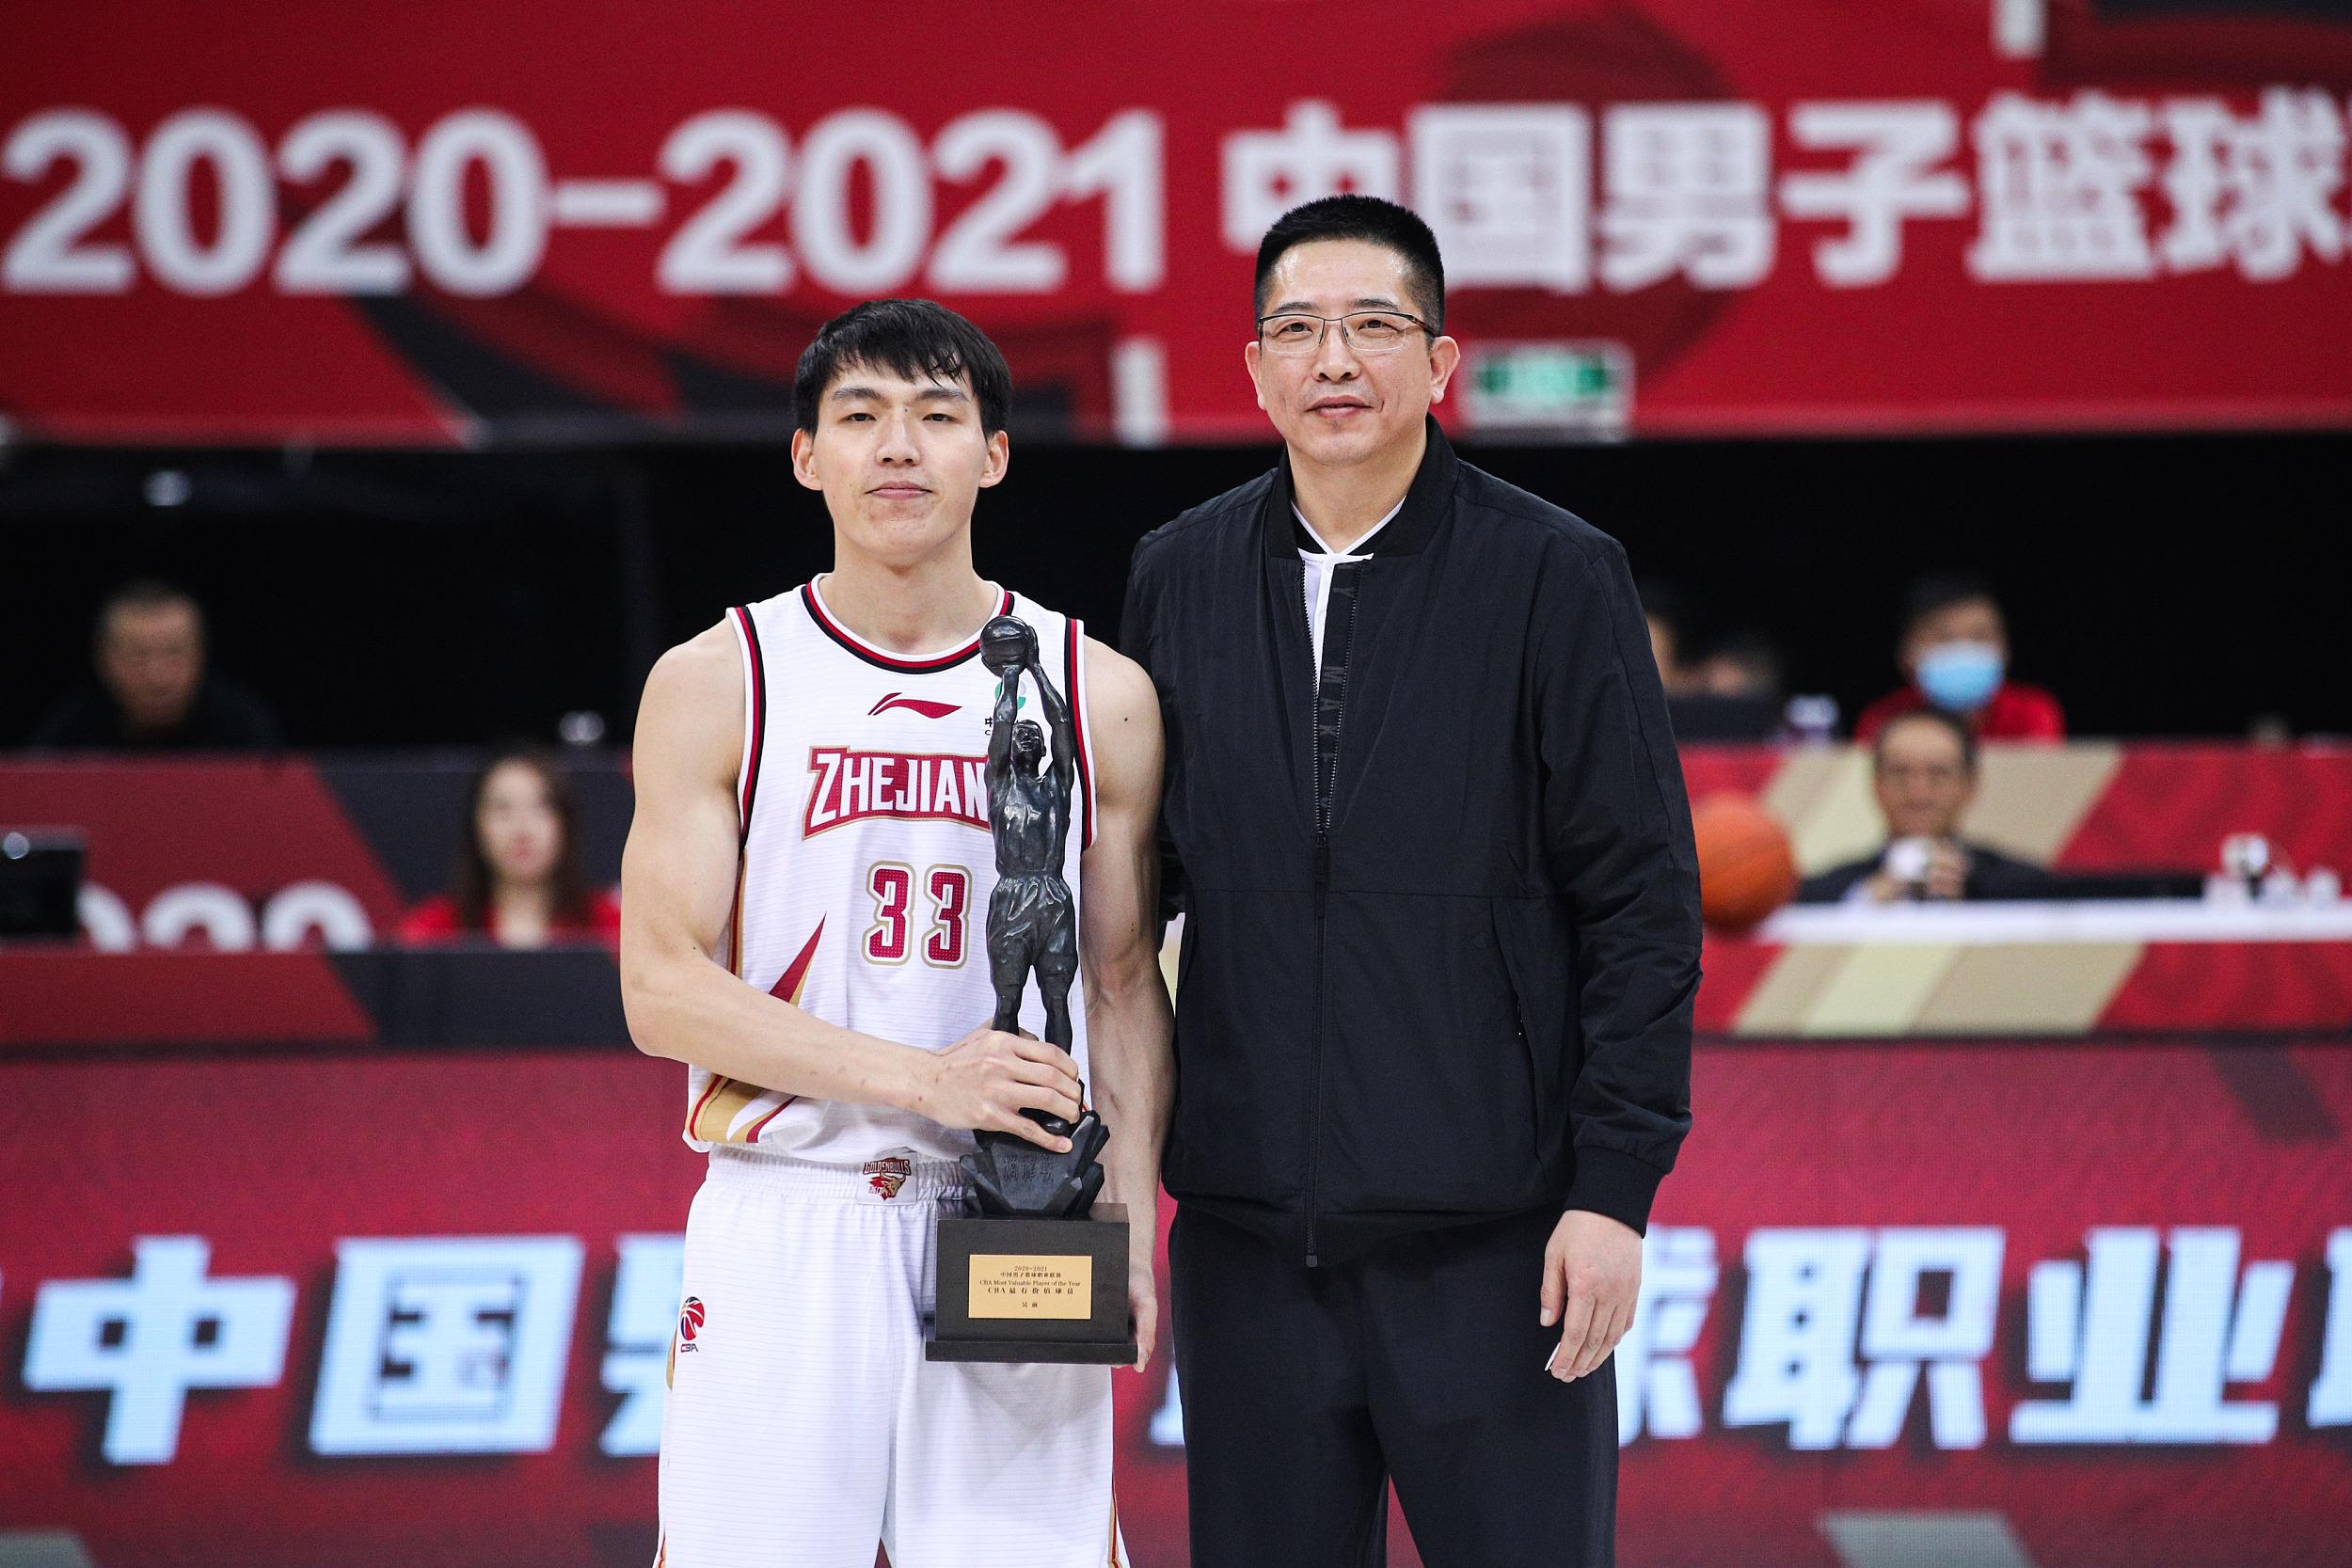 吴前从胡卫东手中接过MVP奖杯。